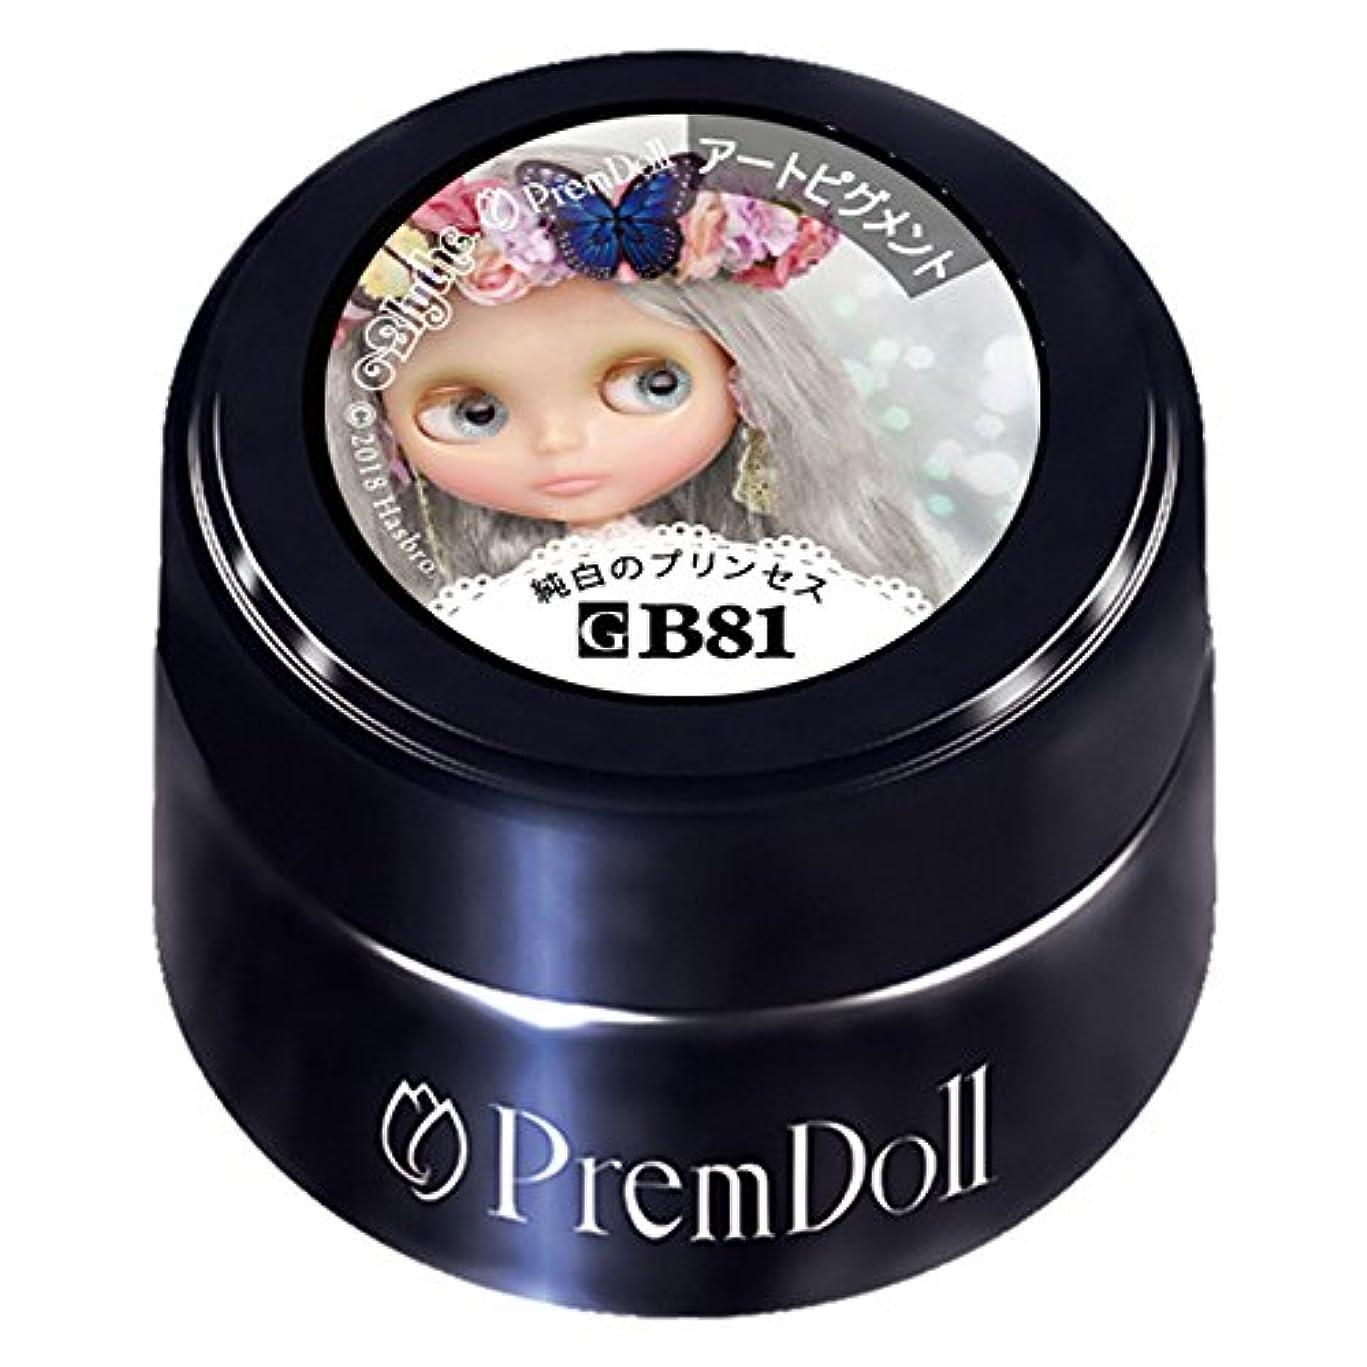 PRE GEL プリムドール純白のプリンセス81 DOLL-B81 3g UV/LED対応タイオウ